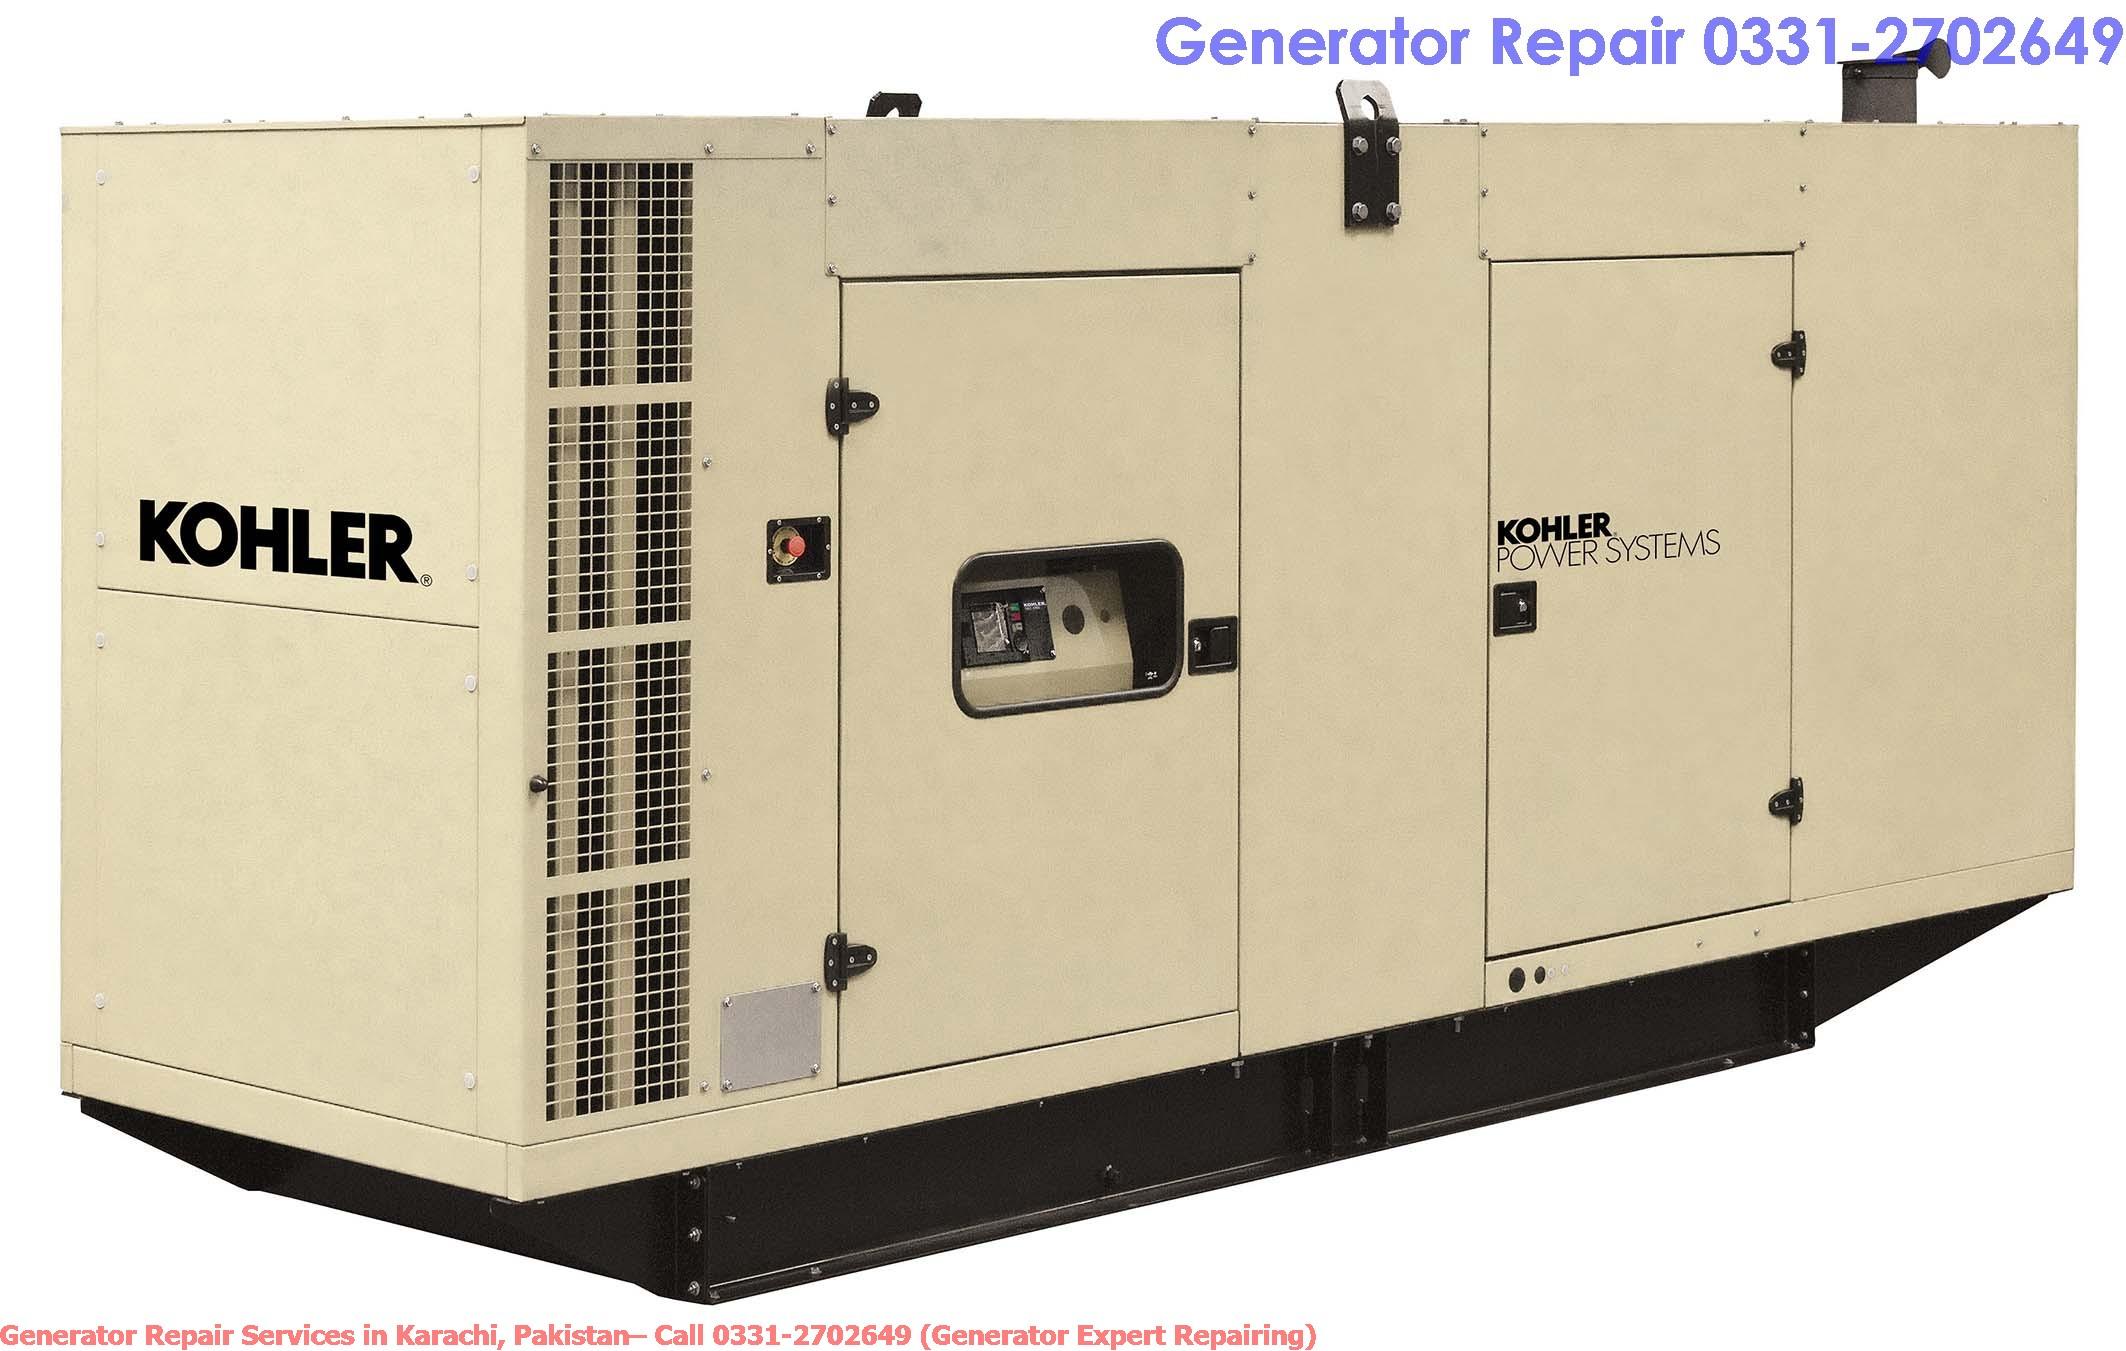 Generatorrepairingkarachi